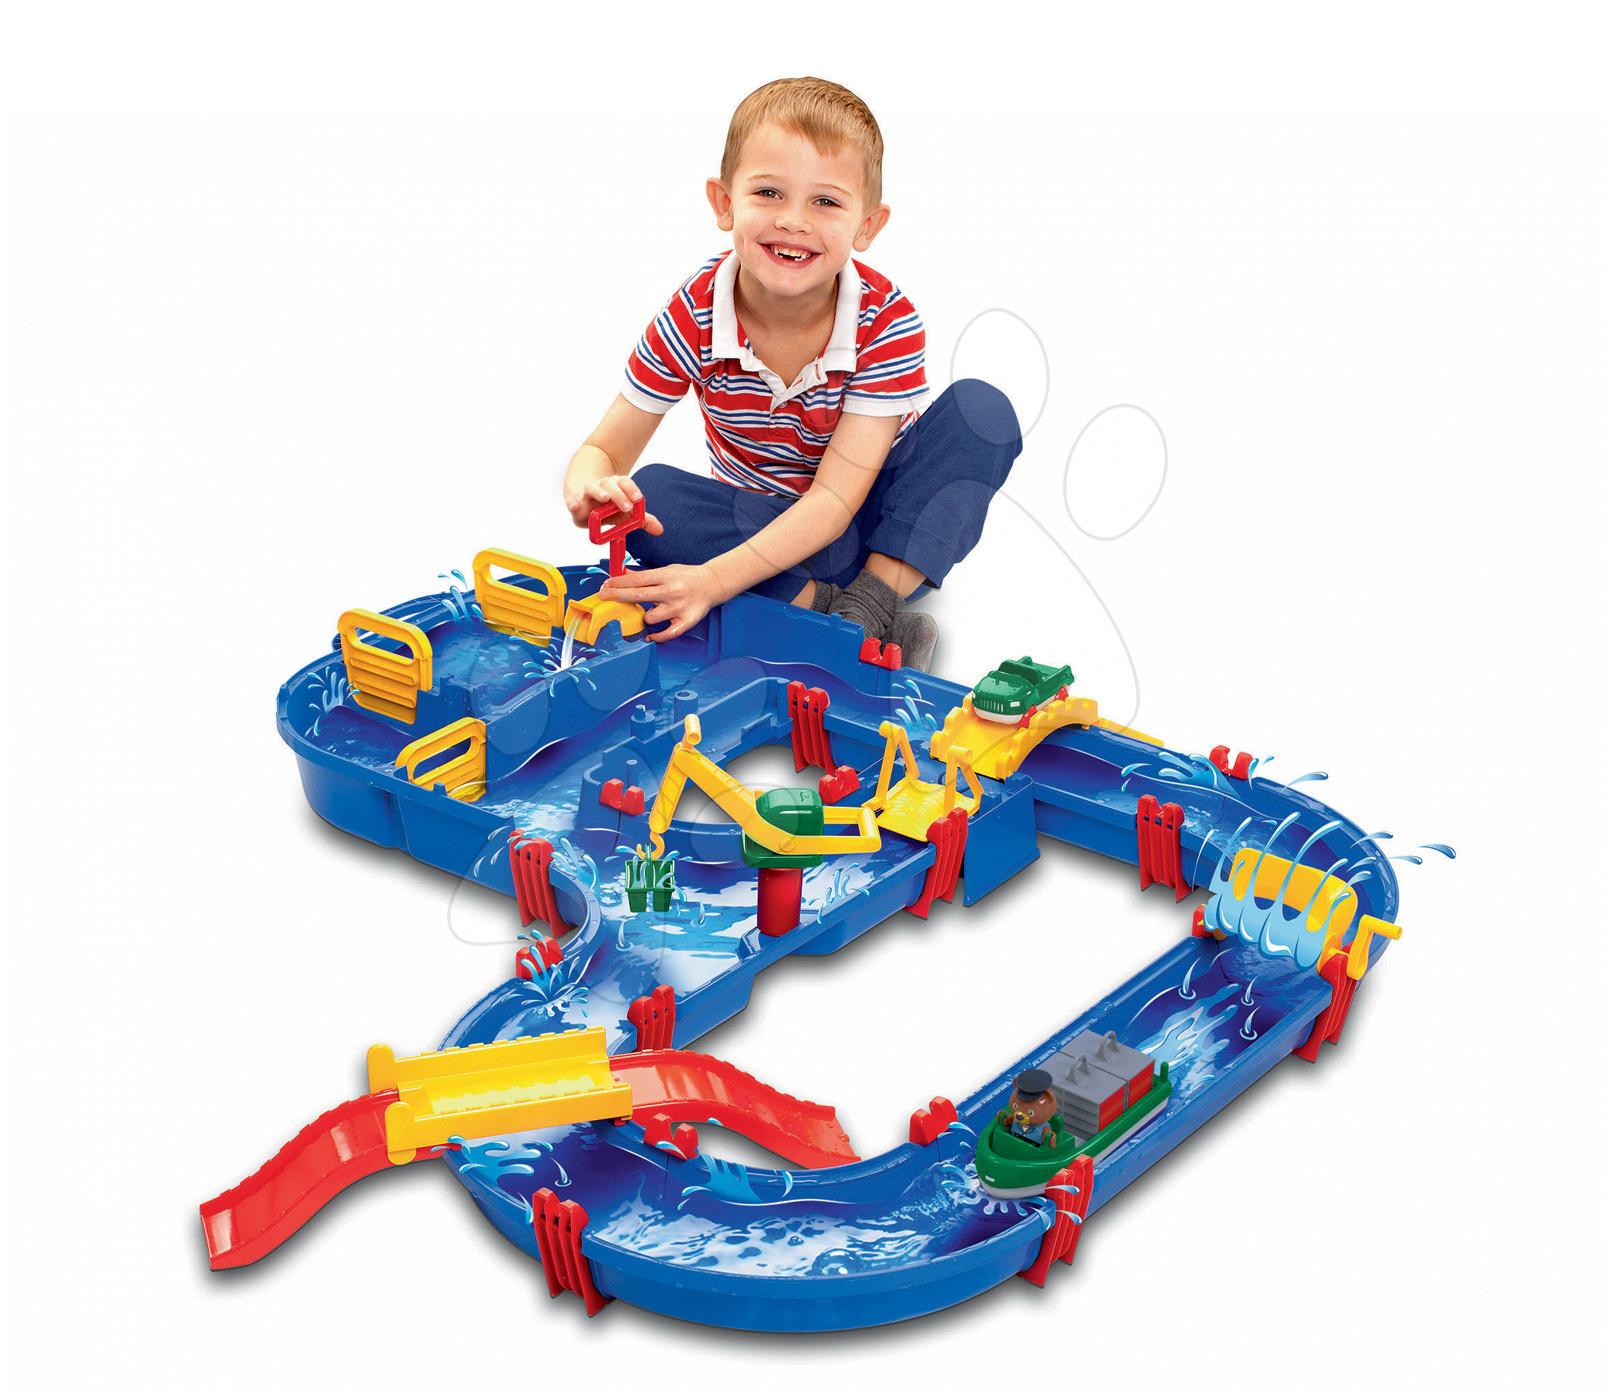 Piste de apă pentru copii - Pistă de apă Megabridge AquaPlay cu căpitanul Bo, cu ecluză, pompă de apă şi un pod mare